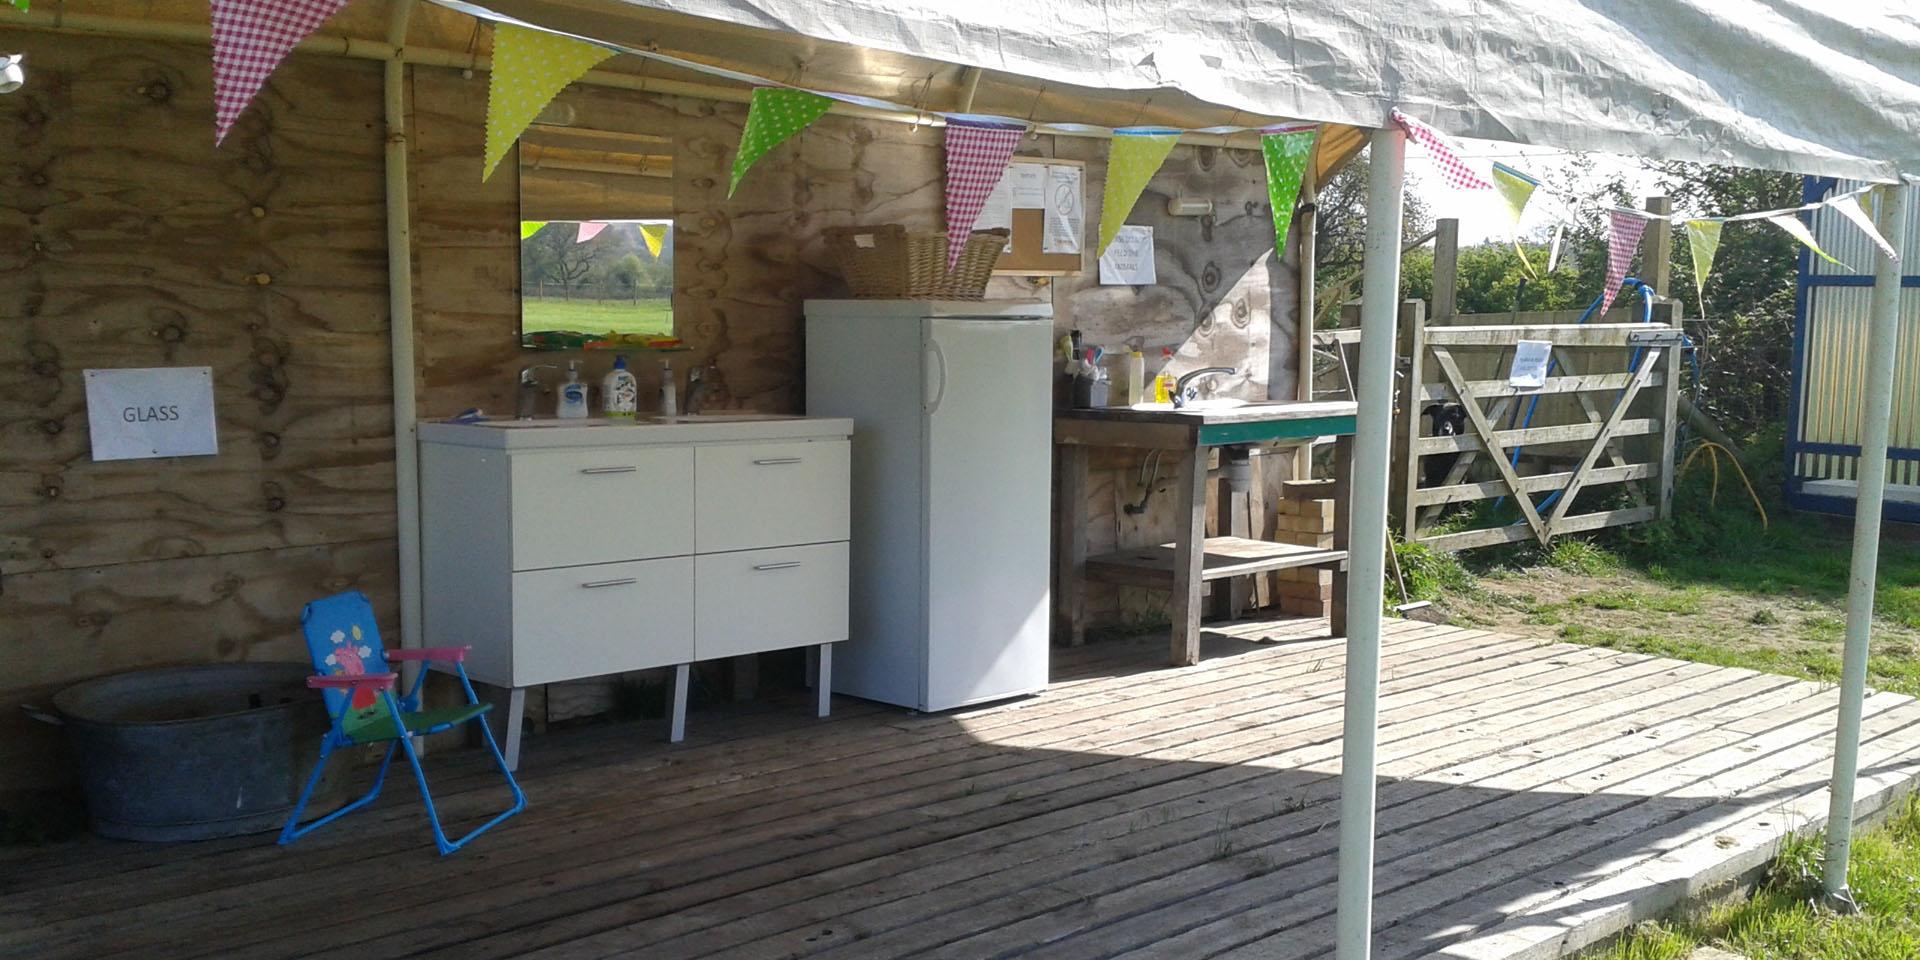 washingup-area